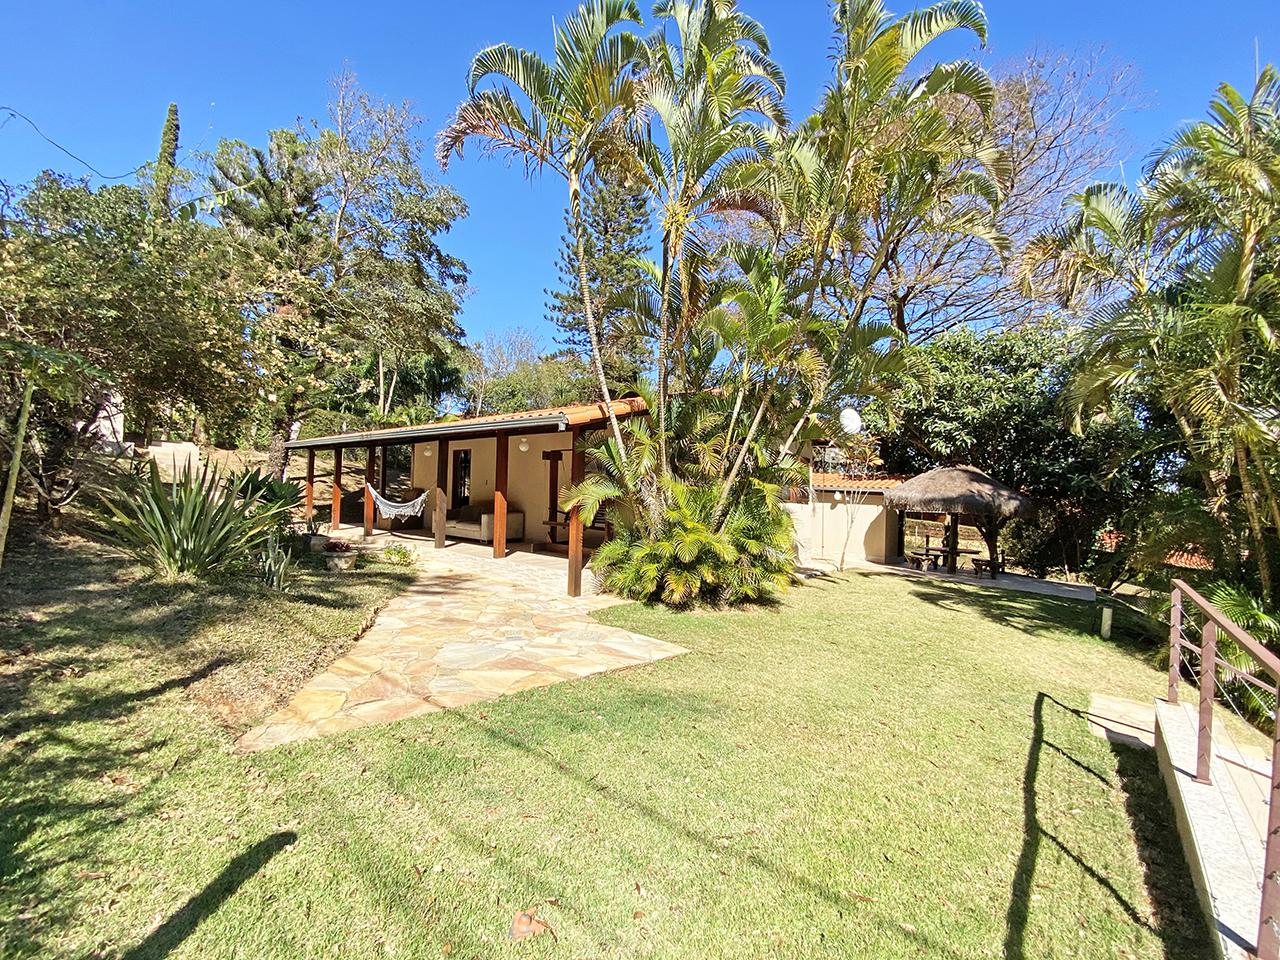 Casa em condomínio de 120m², à venda